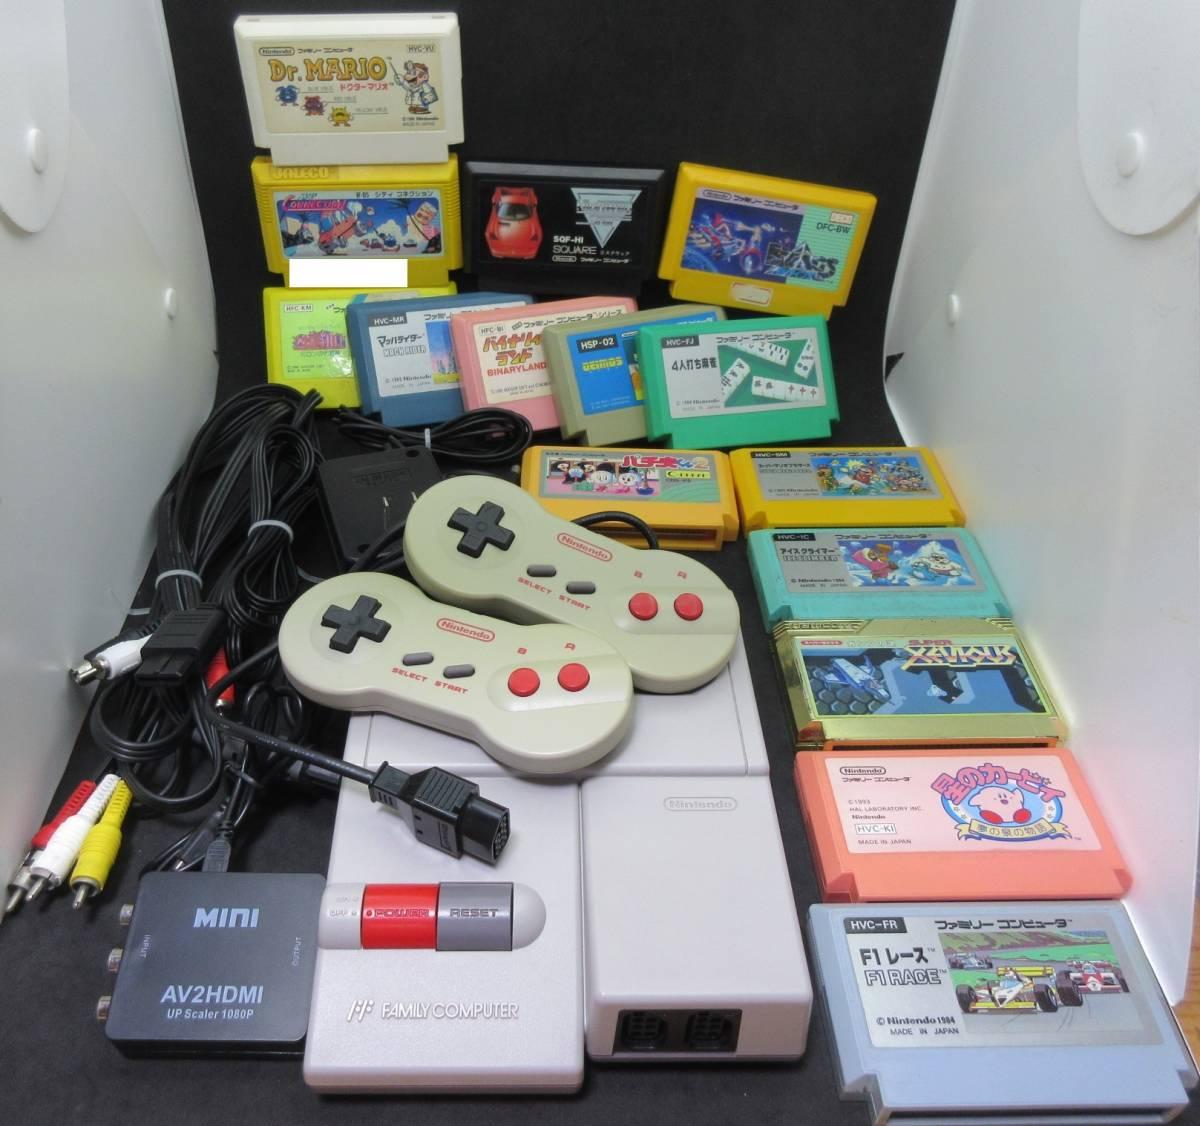 42163 Nintendo 任天堂 ファミリーコンピュータ ファミコン HVC-NFF AV仕様 ソフト付き